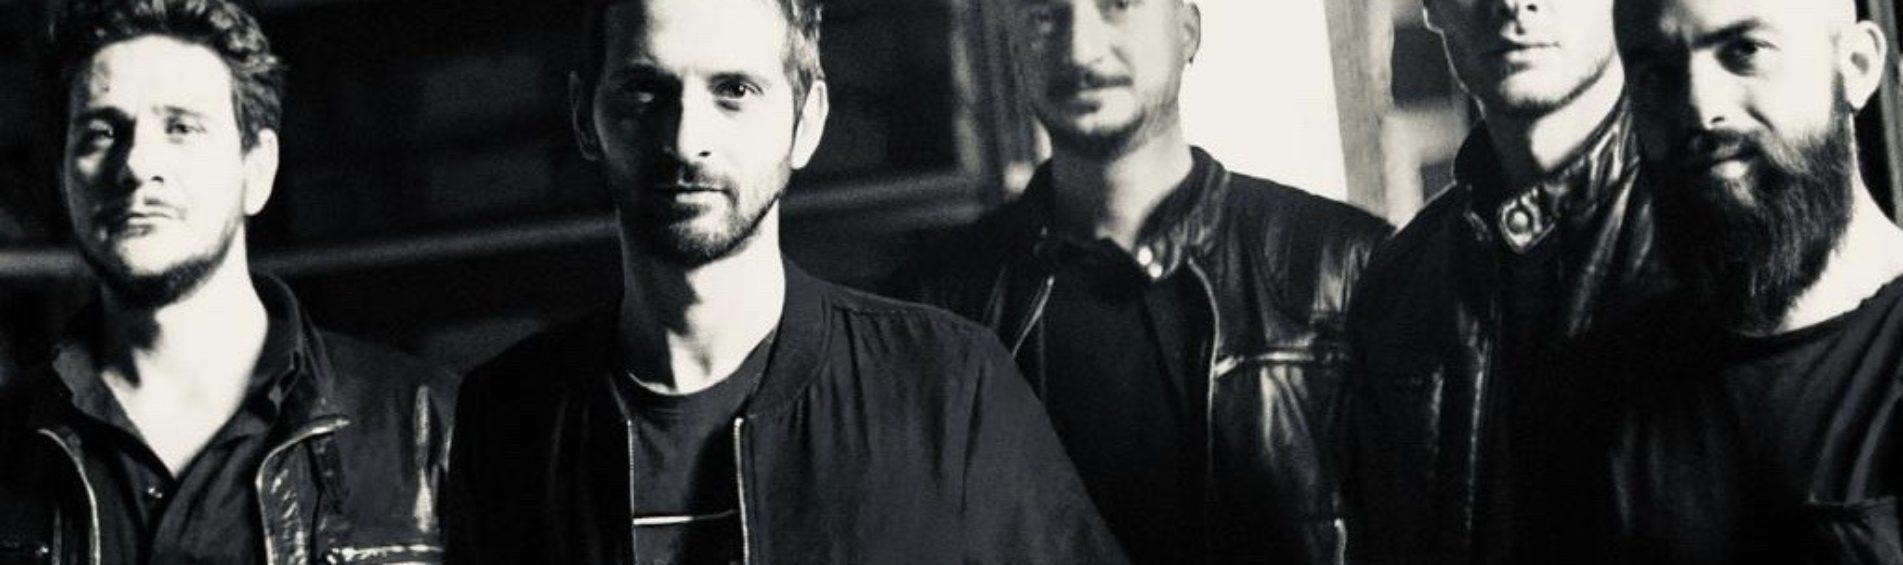 Romito live al Club 33 Giri: open act Il Befolko